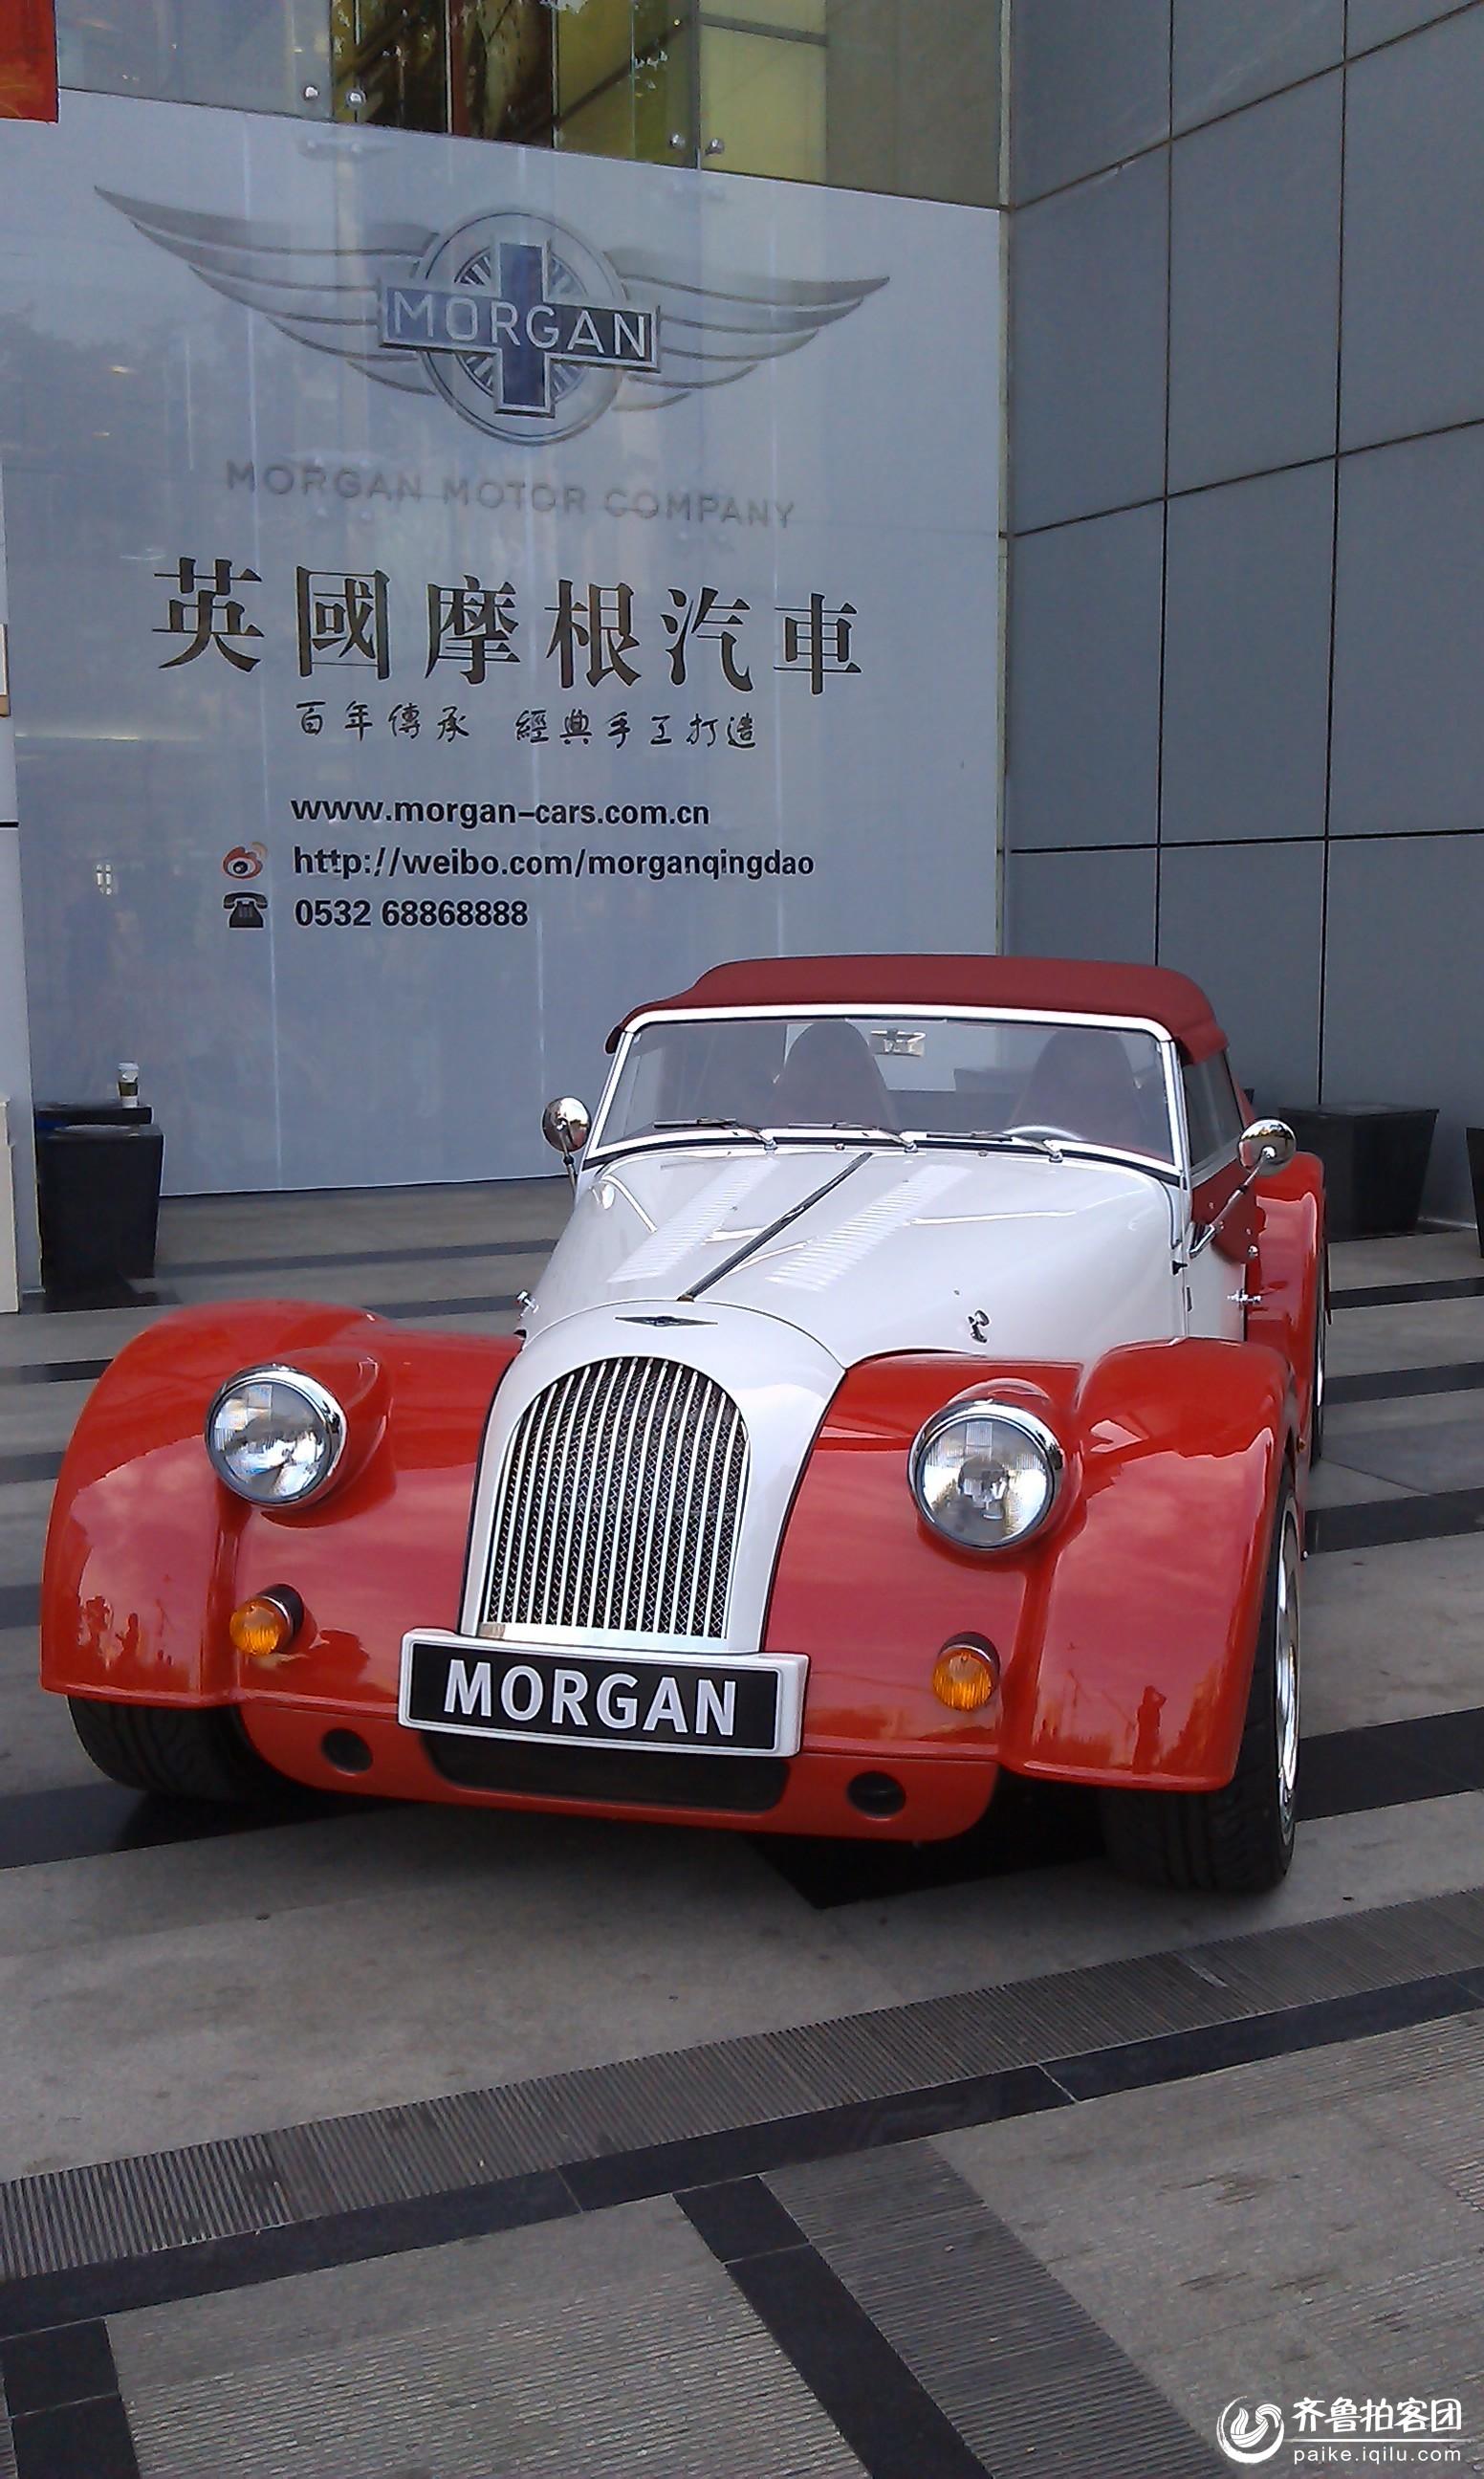 街拍 名车 - 青岛拍客 - 齐鲁社区 - 山东最大的城市